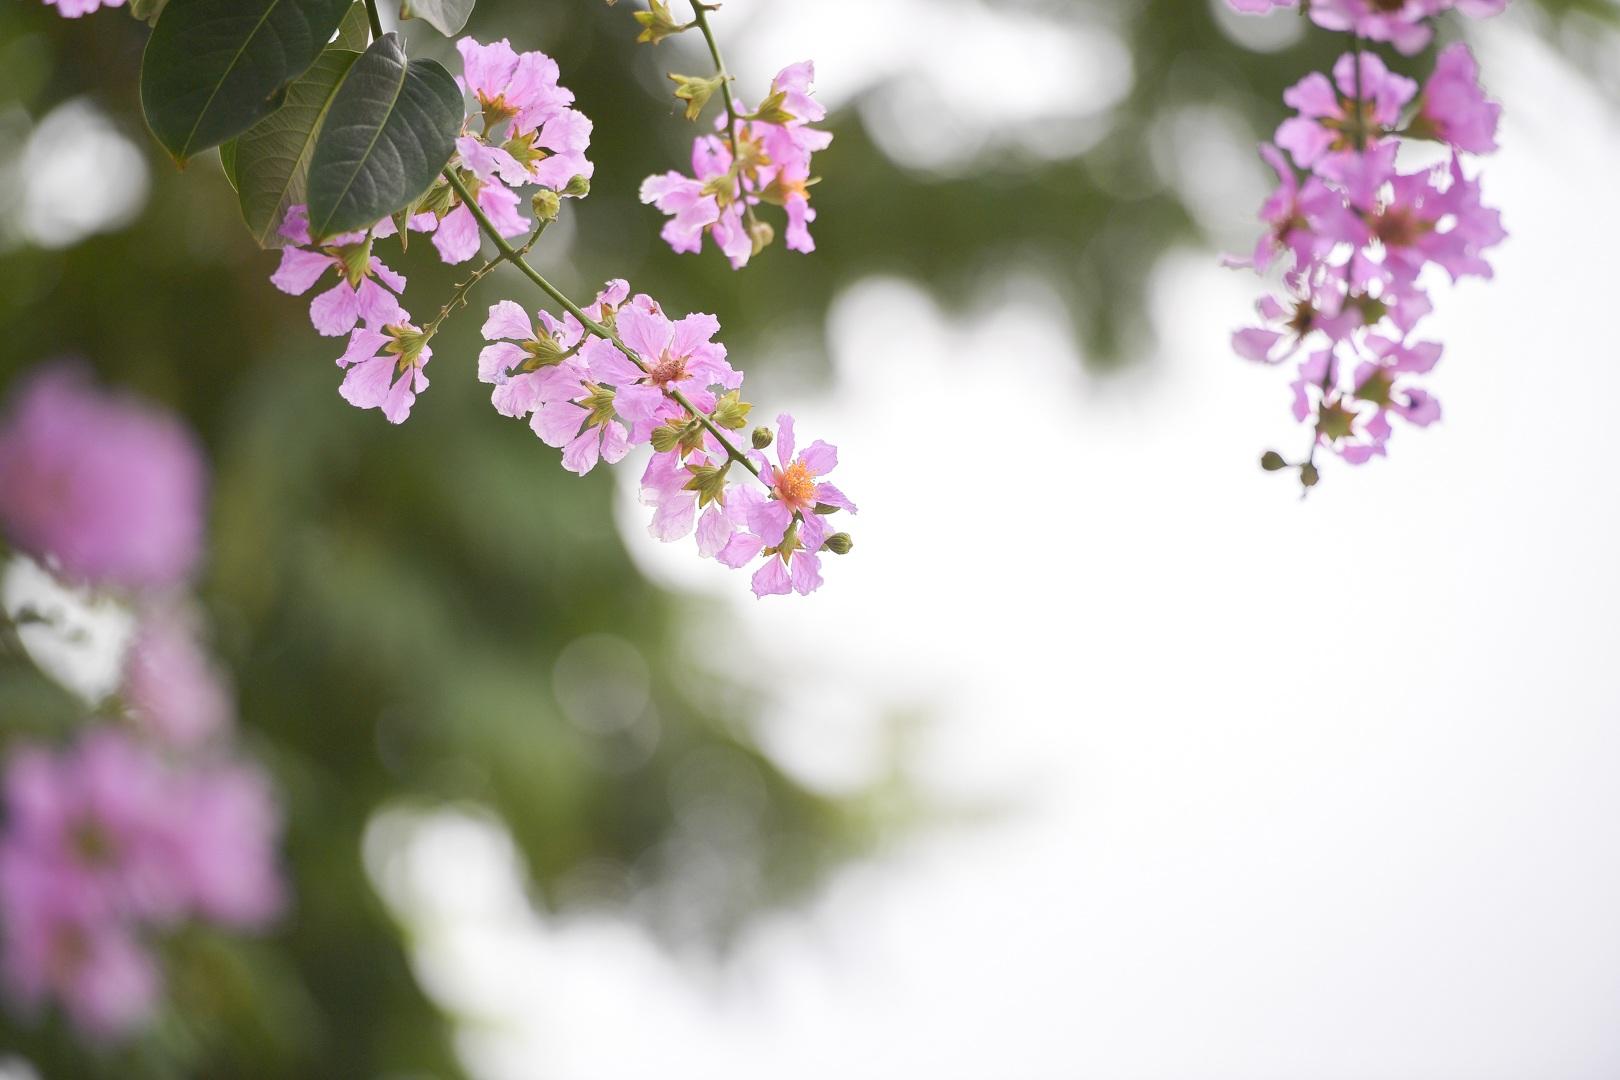 Hoa bằng lăng mộng mơ nhuộm tím đường phố Hà Nội - 12